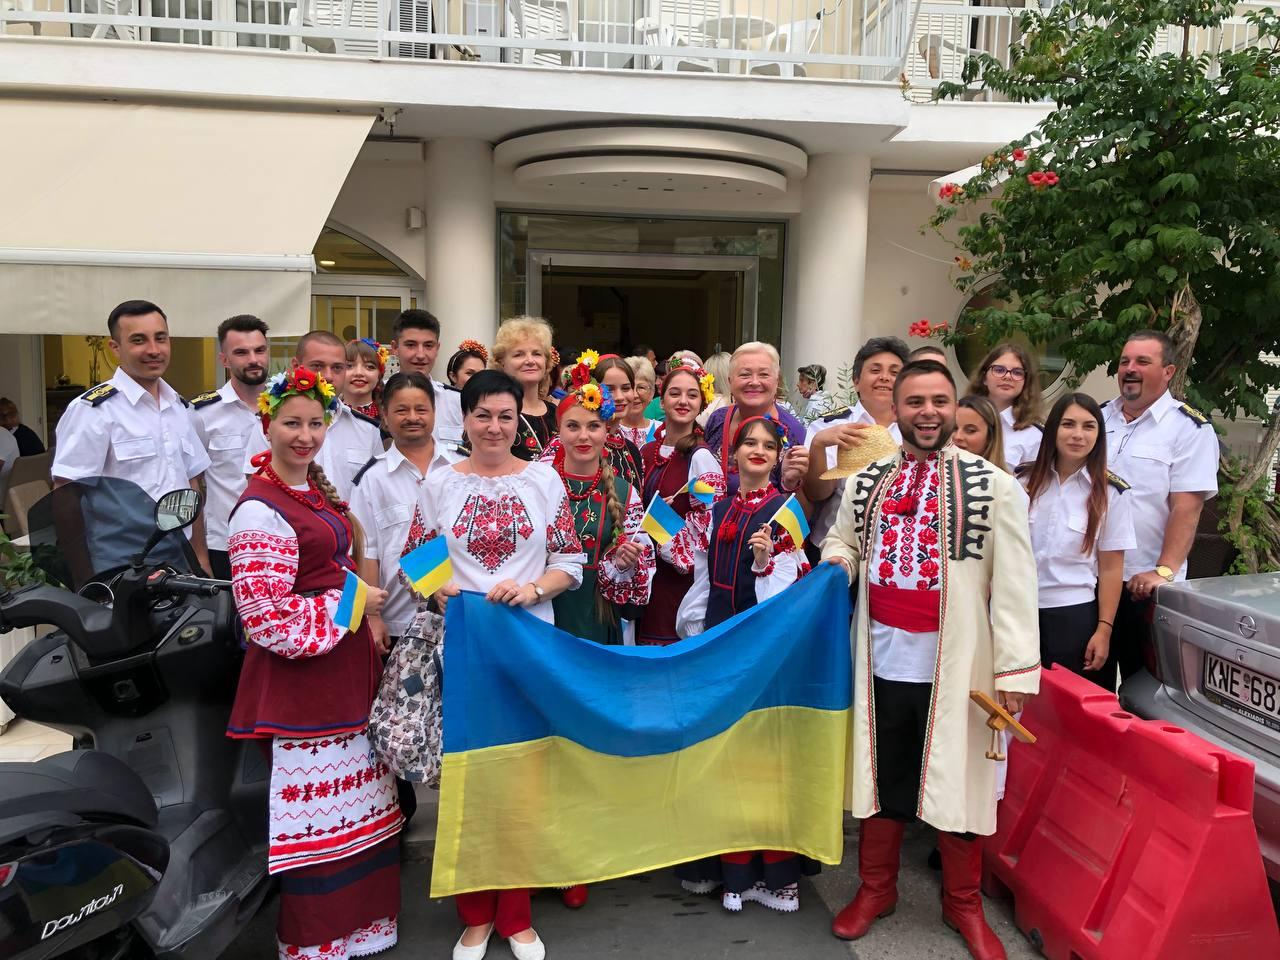 Участь Дніпропетровщини з 05 по 13 вересня 2021 року у двох міжнародних фестивалях :«OHRID FESTIVAL DAYS» ( м.Охрид, Північна Македонія) та «MUSIC, DANCE & SEA» (м.Катерині, Греція).